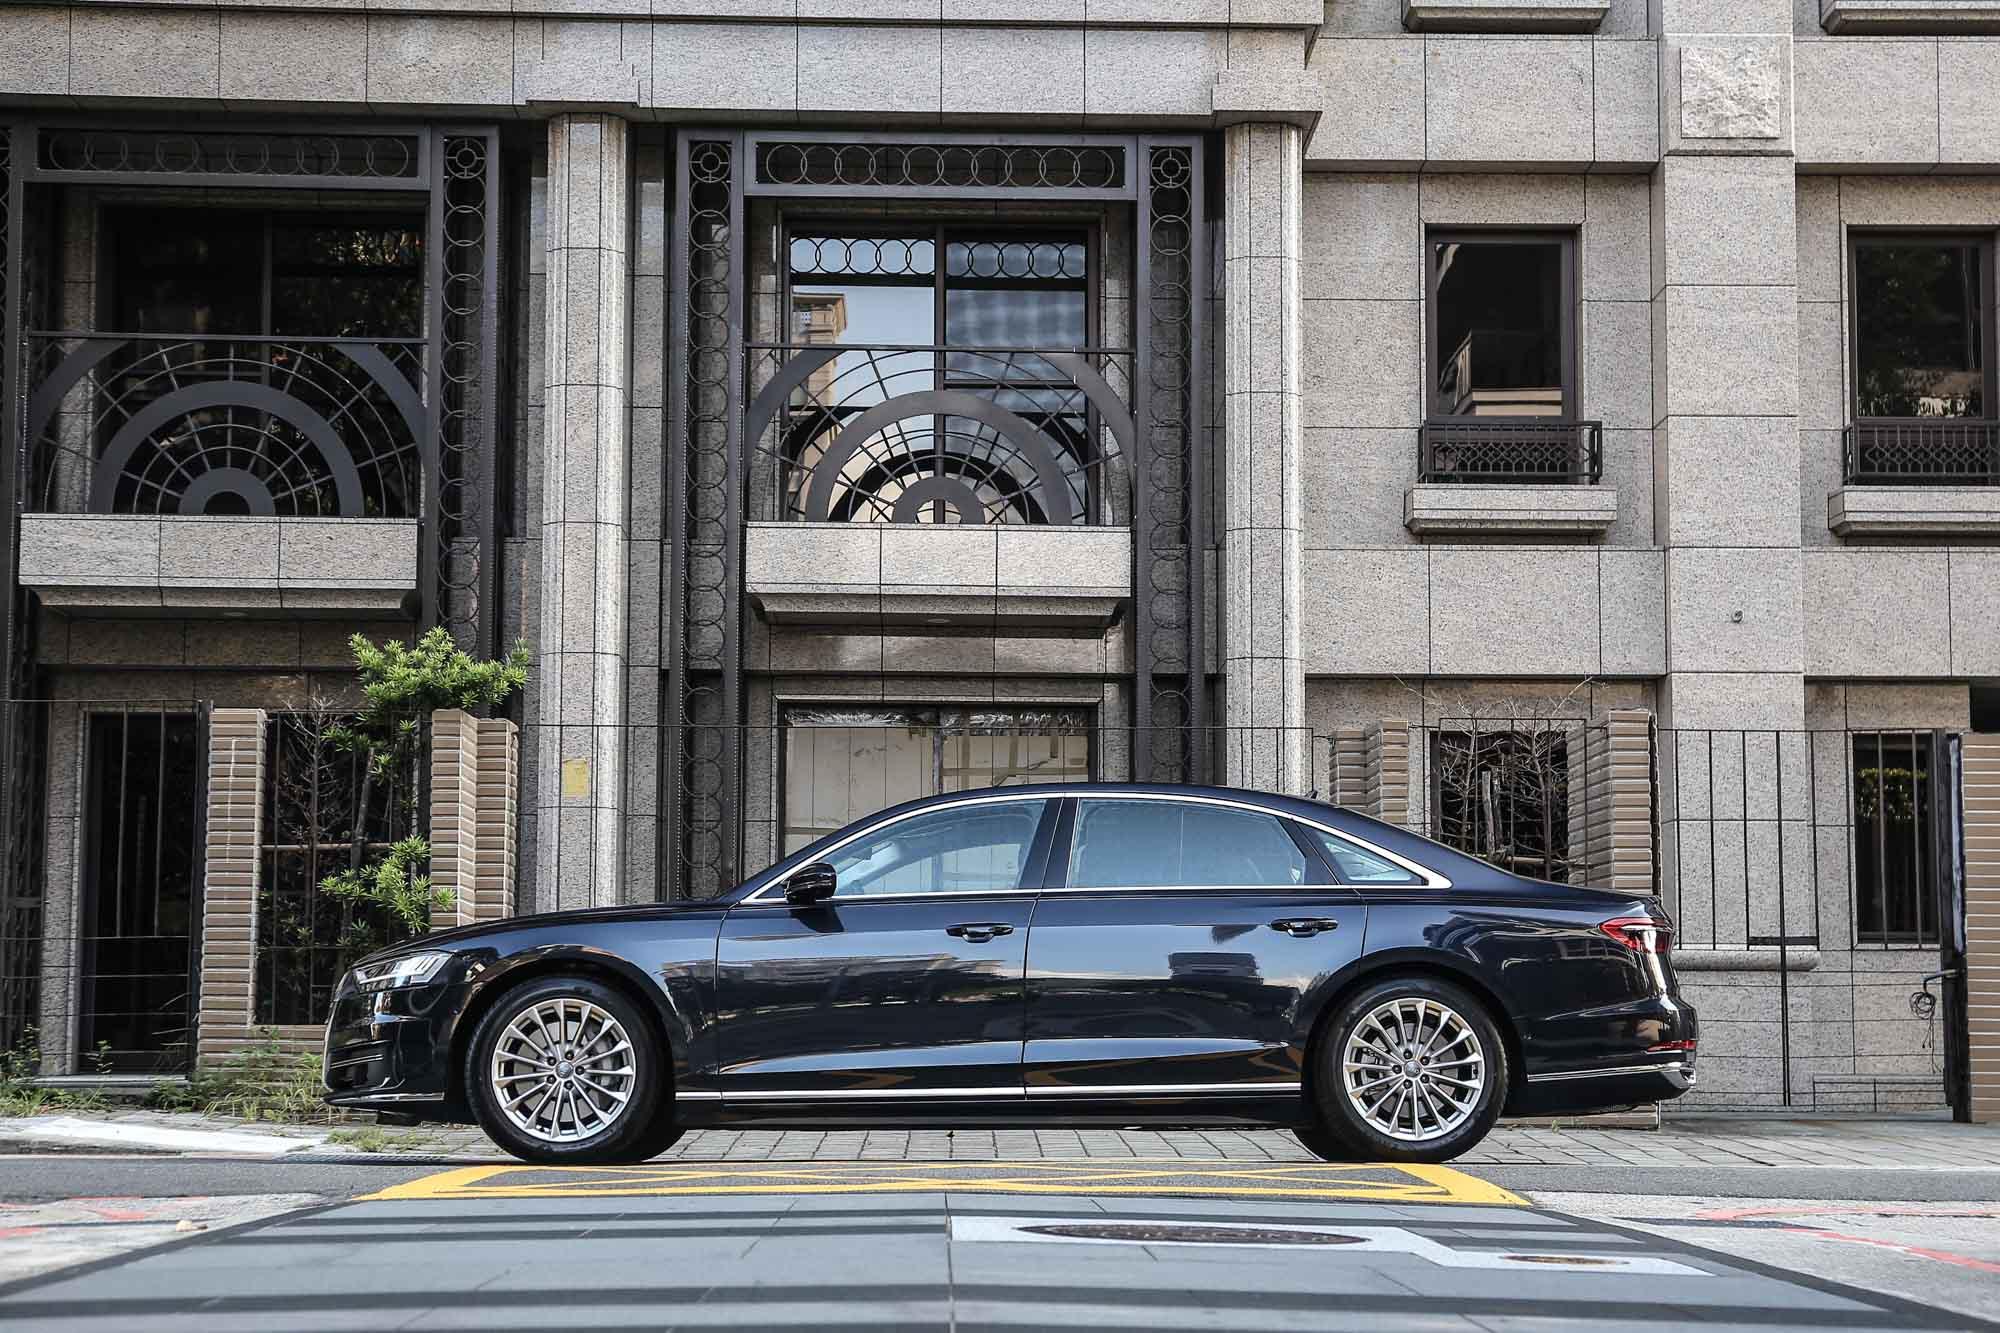 2019 年式 Audi A8 L 55 TFSI quattro Premium 建議售價 559 萬元起。另提供 A8 50 TDI quattro,398 萬元起。